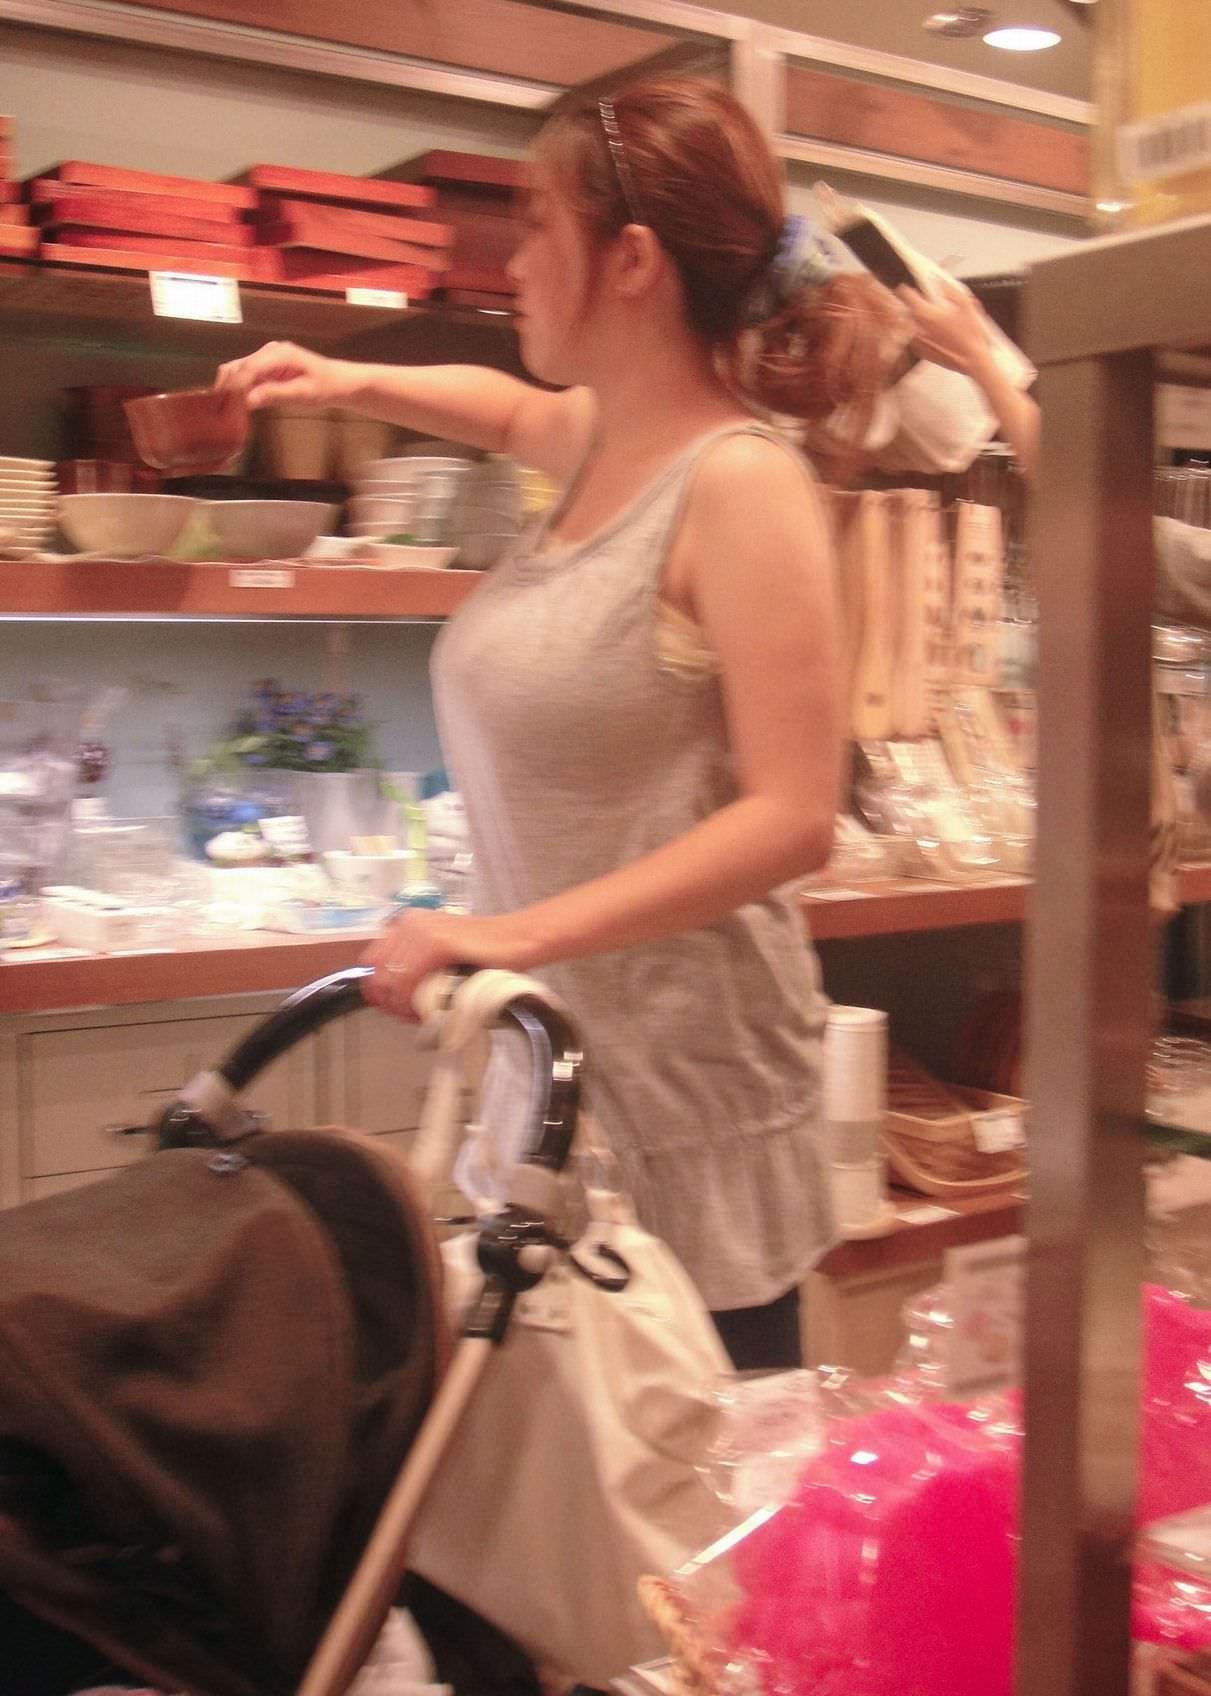 買い物してる若奥様の着衣おっぱいがエロすぎ!